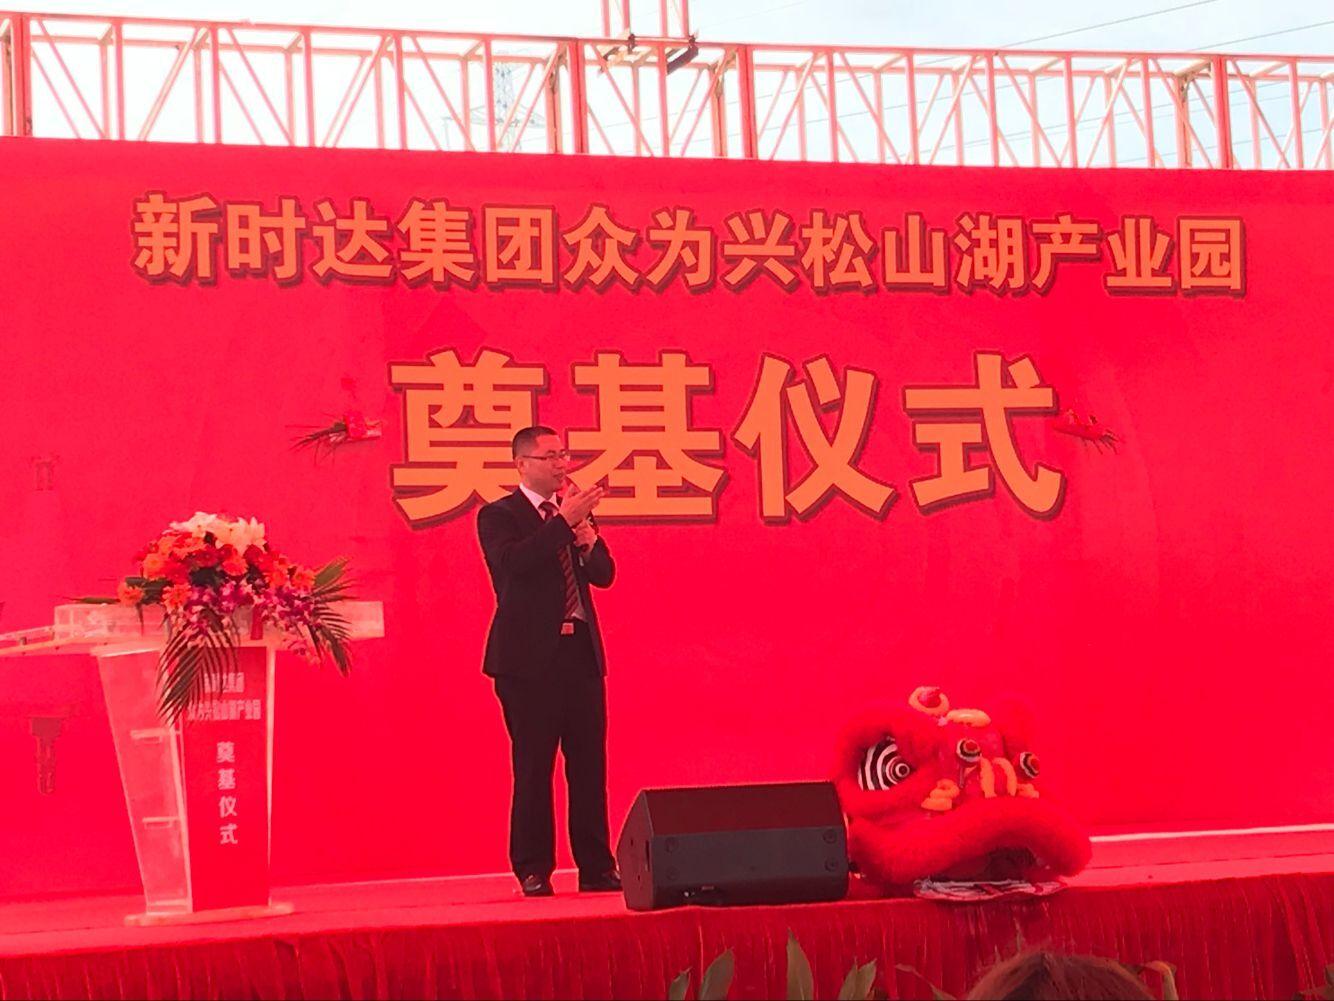 深圳众为兴技术股份有限公司